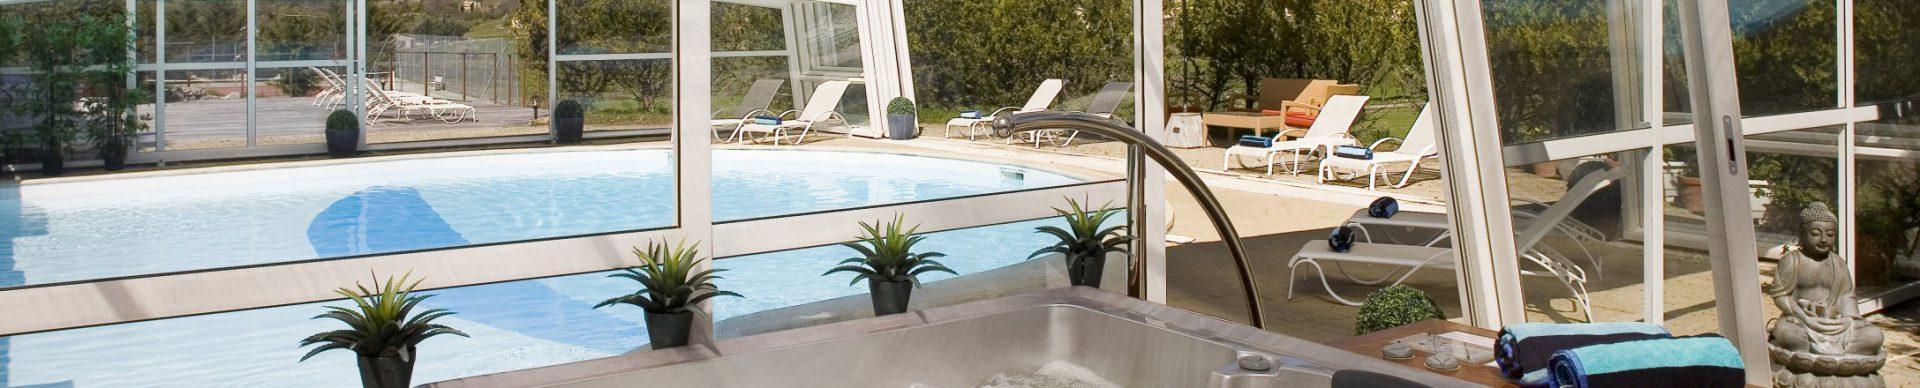 Hébergement respectueux de l'environnement Hôtel & Spa des Gorges du Verdon à La Palud-sur-Verdon